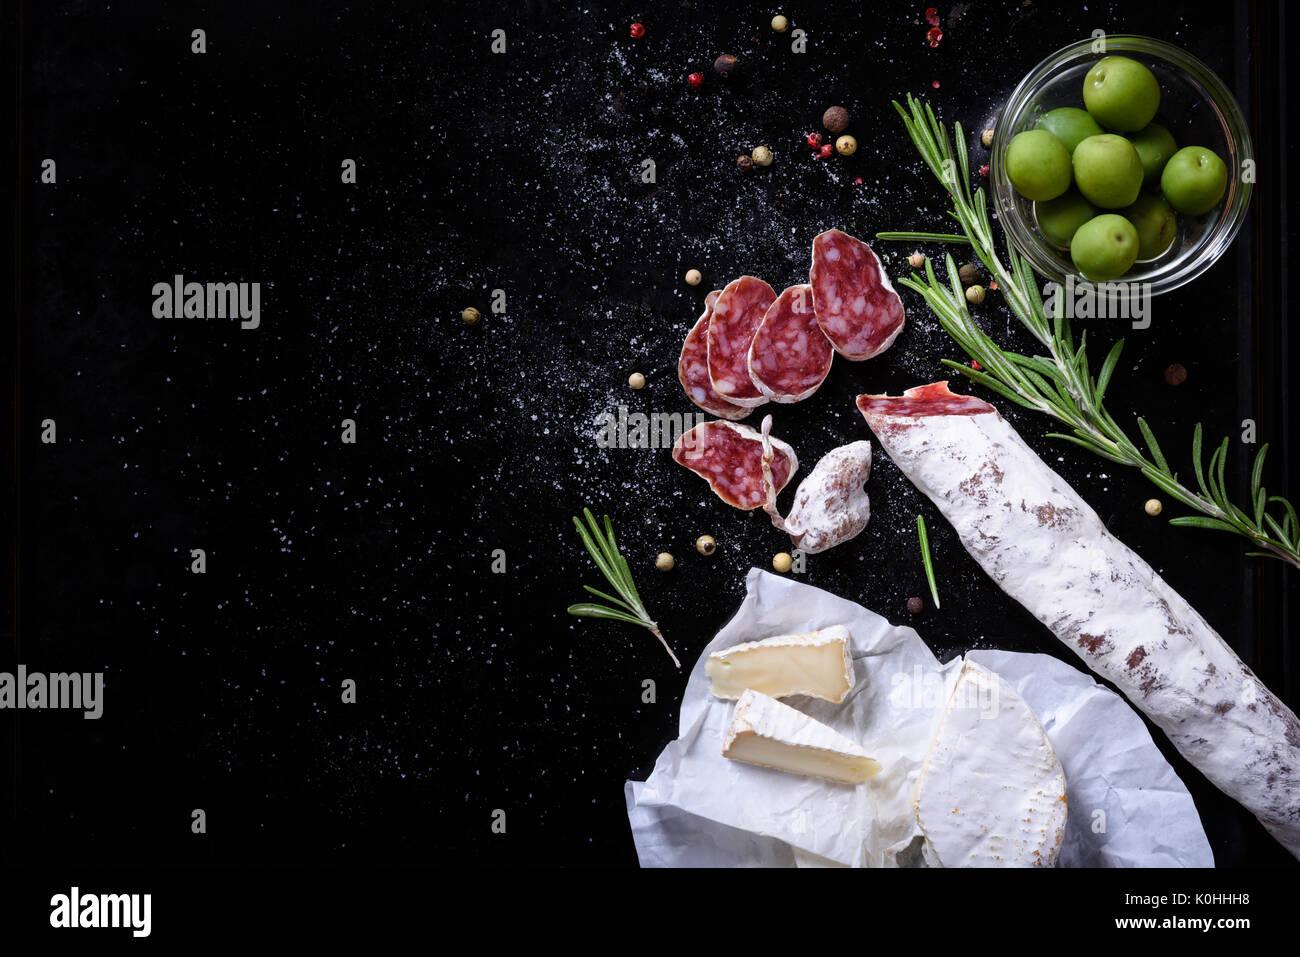 Fuet séché coupé en tranches avec le fromage et les olives. Salami sausage snack. L'espace de copie, voir ci-dessus, l'arrière-plan sombre. Photo Stock